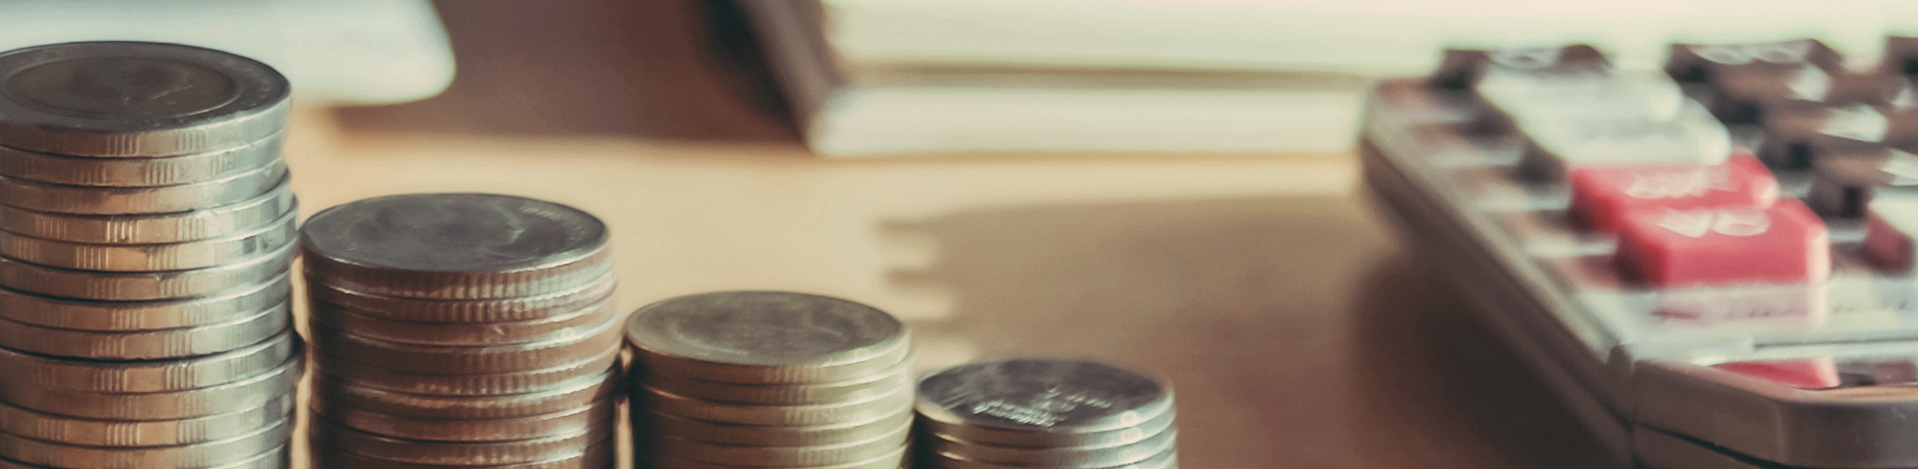 חיסכון פנסיוני פנסיה